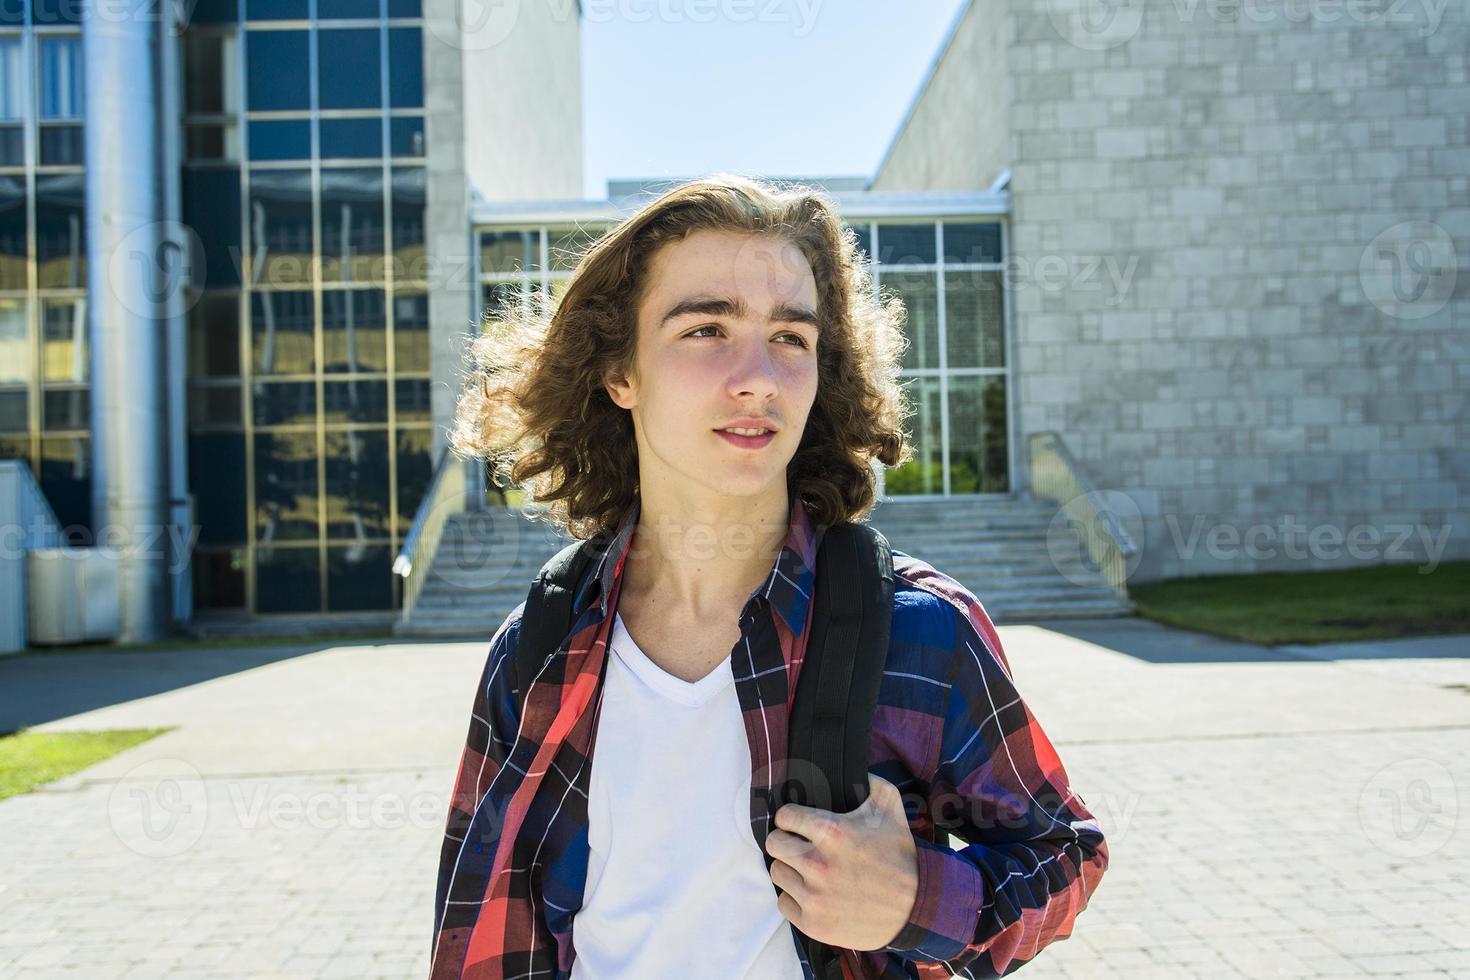 ung stilig manlig student på högskolan, utomhus foto